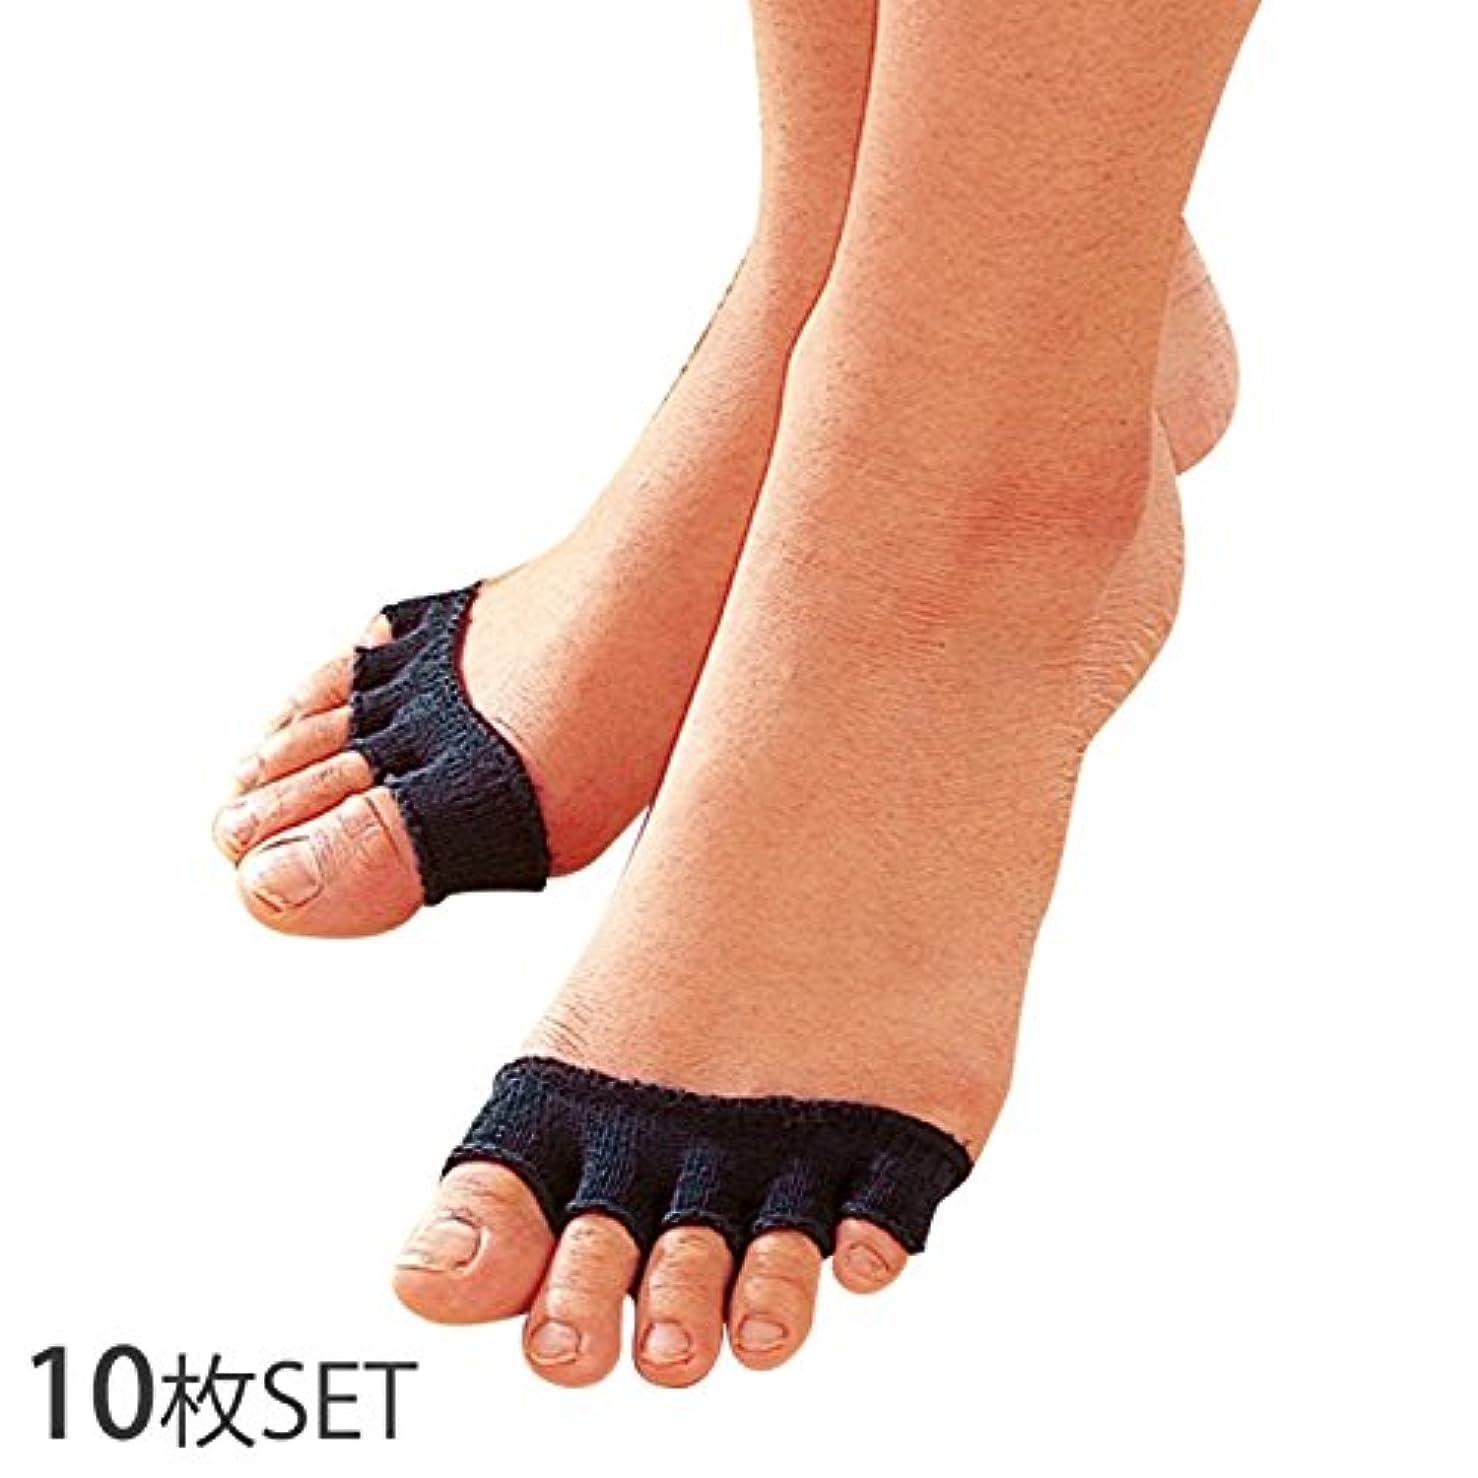 従者酔う赤足指カバー 5本指 男女兼用 指先なし 5本指靴下 抗菌防臭加工 消臭 ひのき指の間カバー 10枚セット 紺